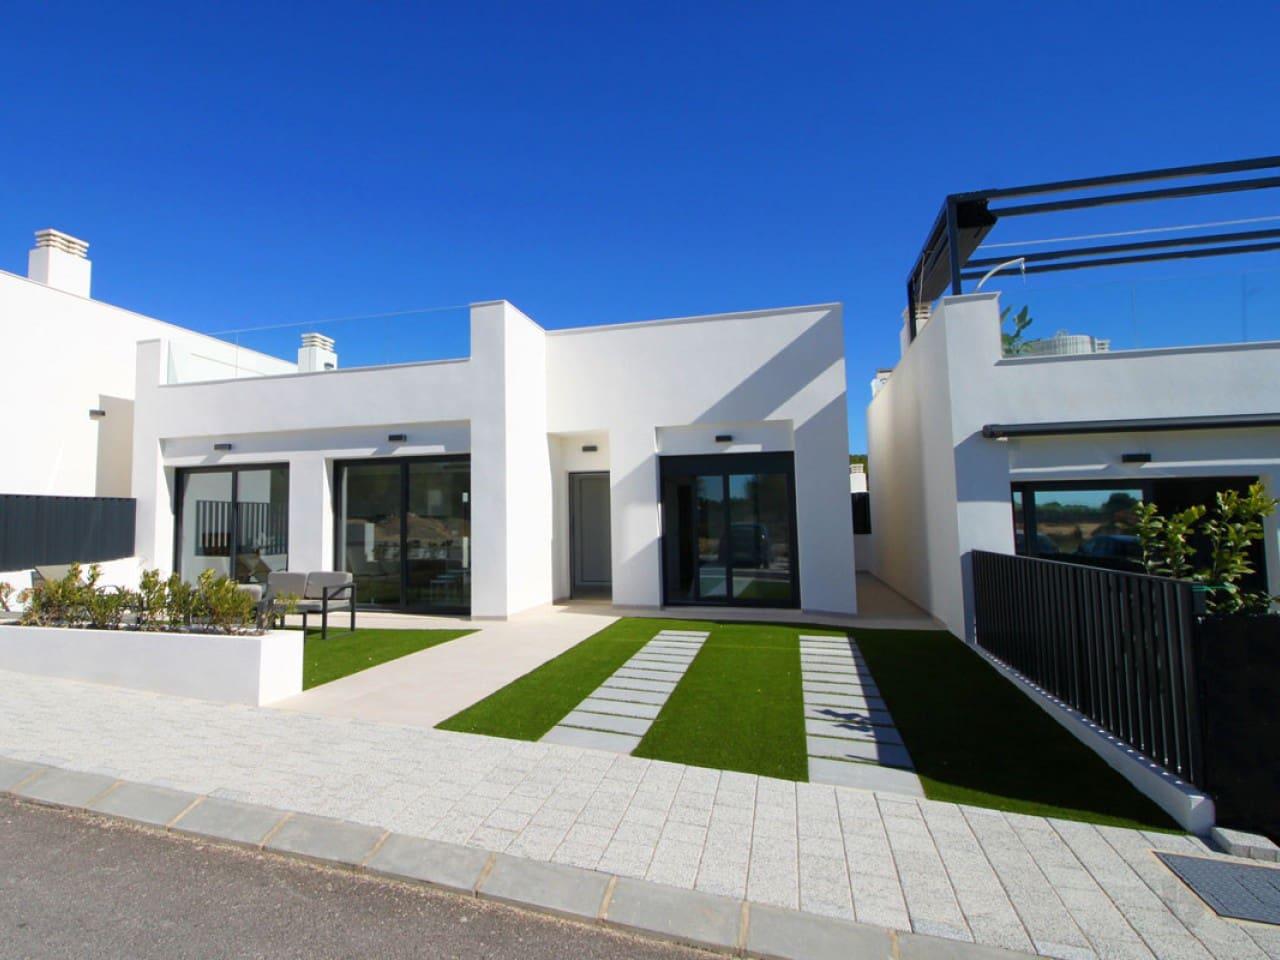 Chalet de 3 habitaciones en Pilar de la Horadada en venta con piscina - 289.900 € (Ref: 4982936)